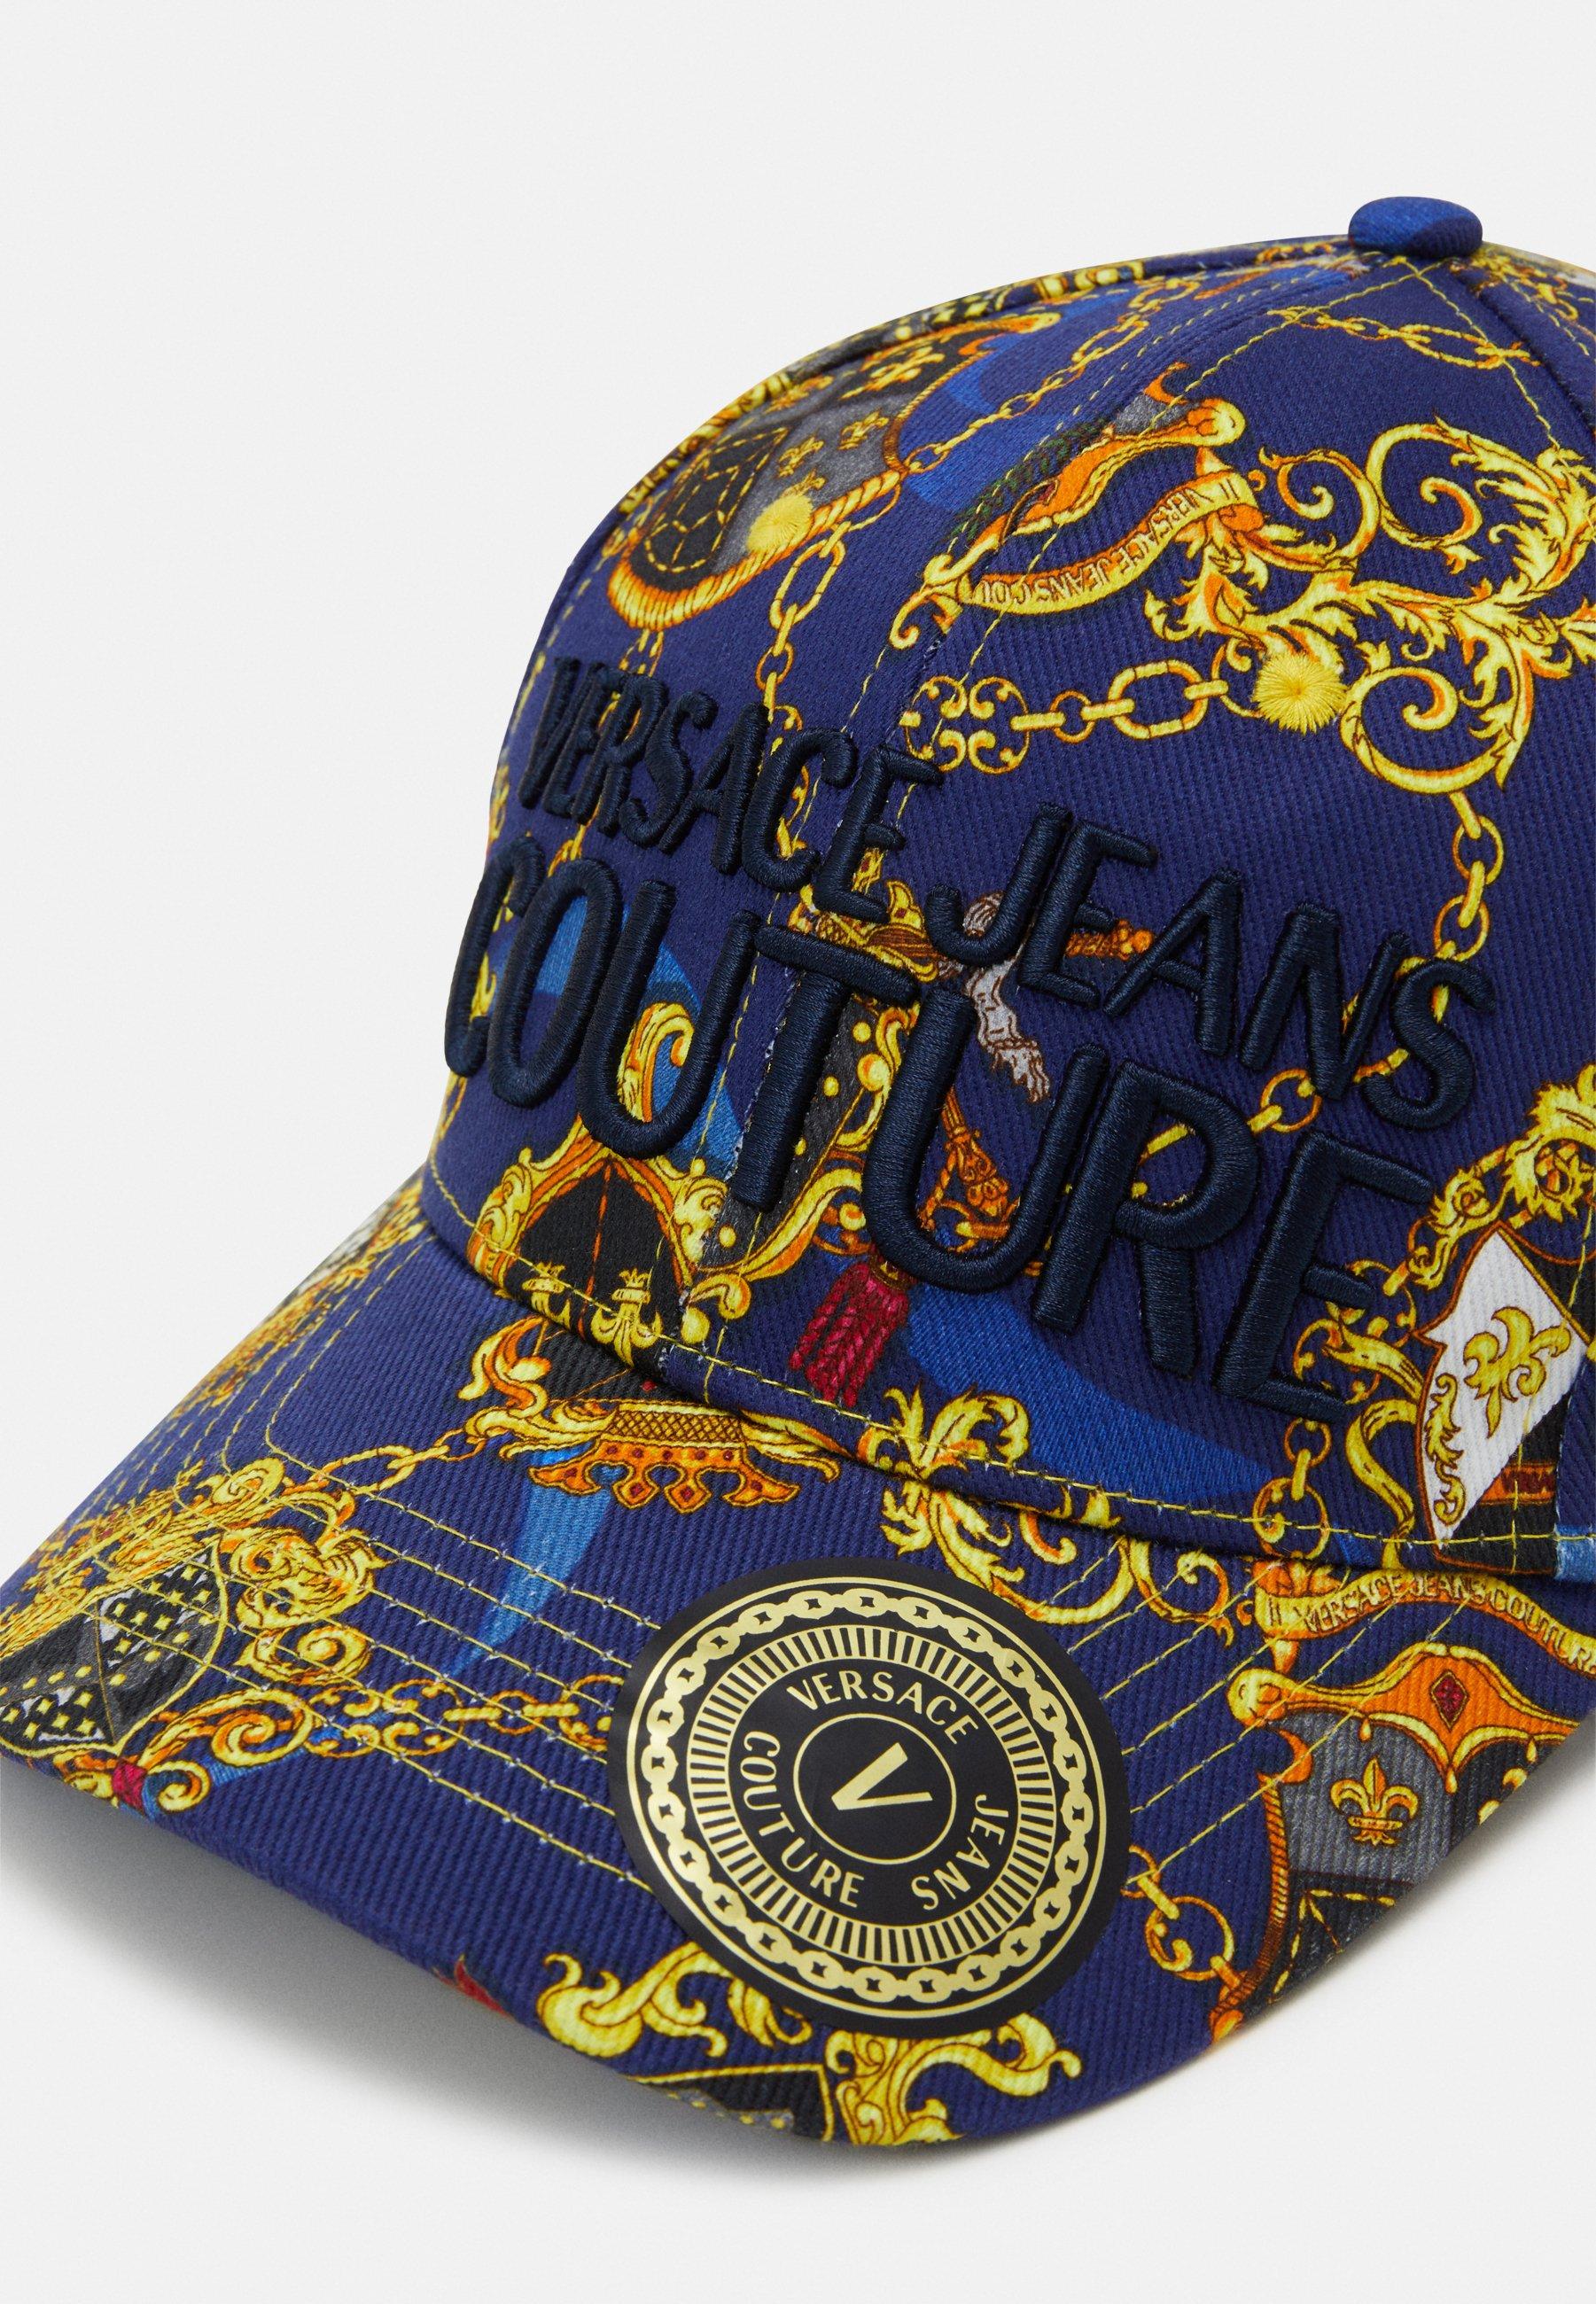 Versace Jeans Couture Cap - Blue/gold/blau